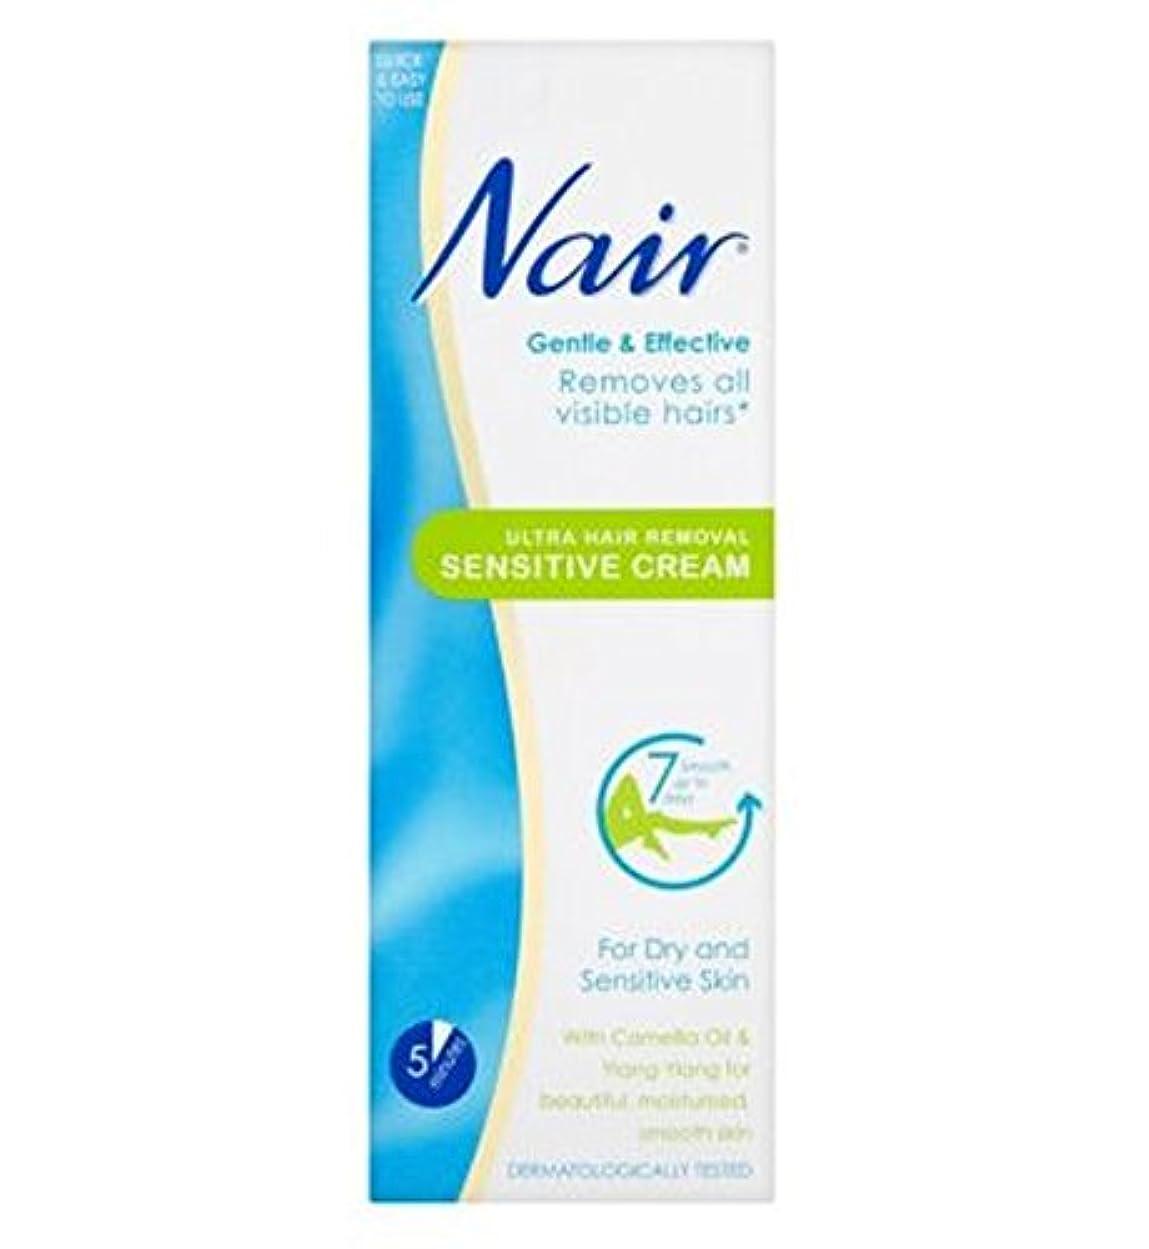 曲がった食物枯渇するNair Sensitive Hair Removal Cream 200ml - Nairさん敏感な脱毛クリーム200ミリリットル (Nair) [並行輸入品]